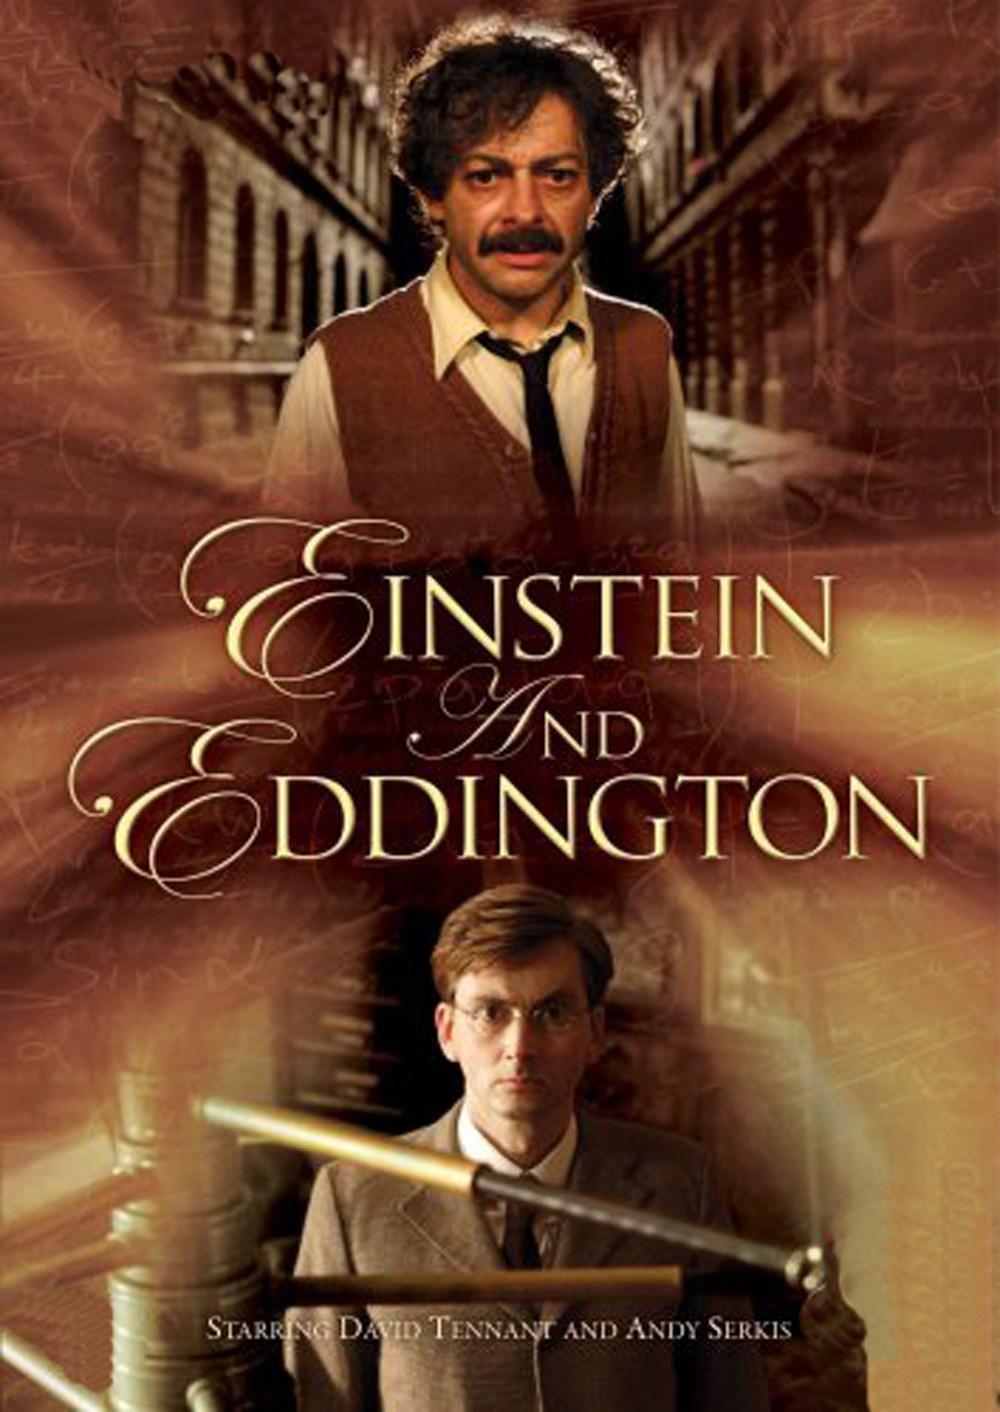 نتيجة بحث الصور عن Einstein and Eddington